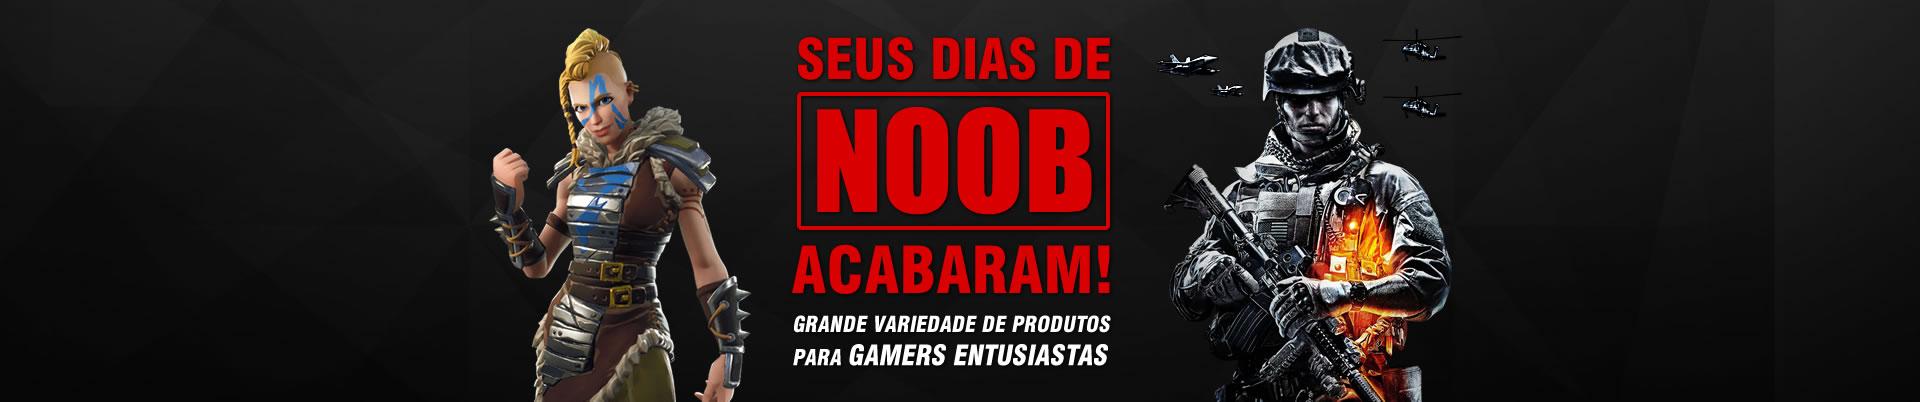 b.noob